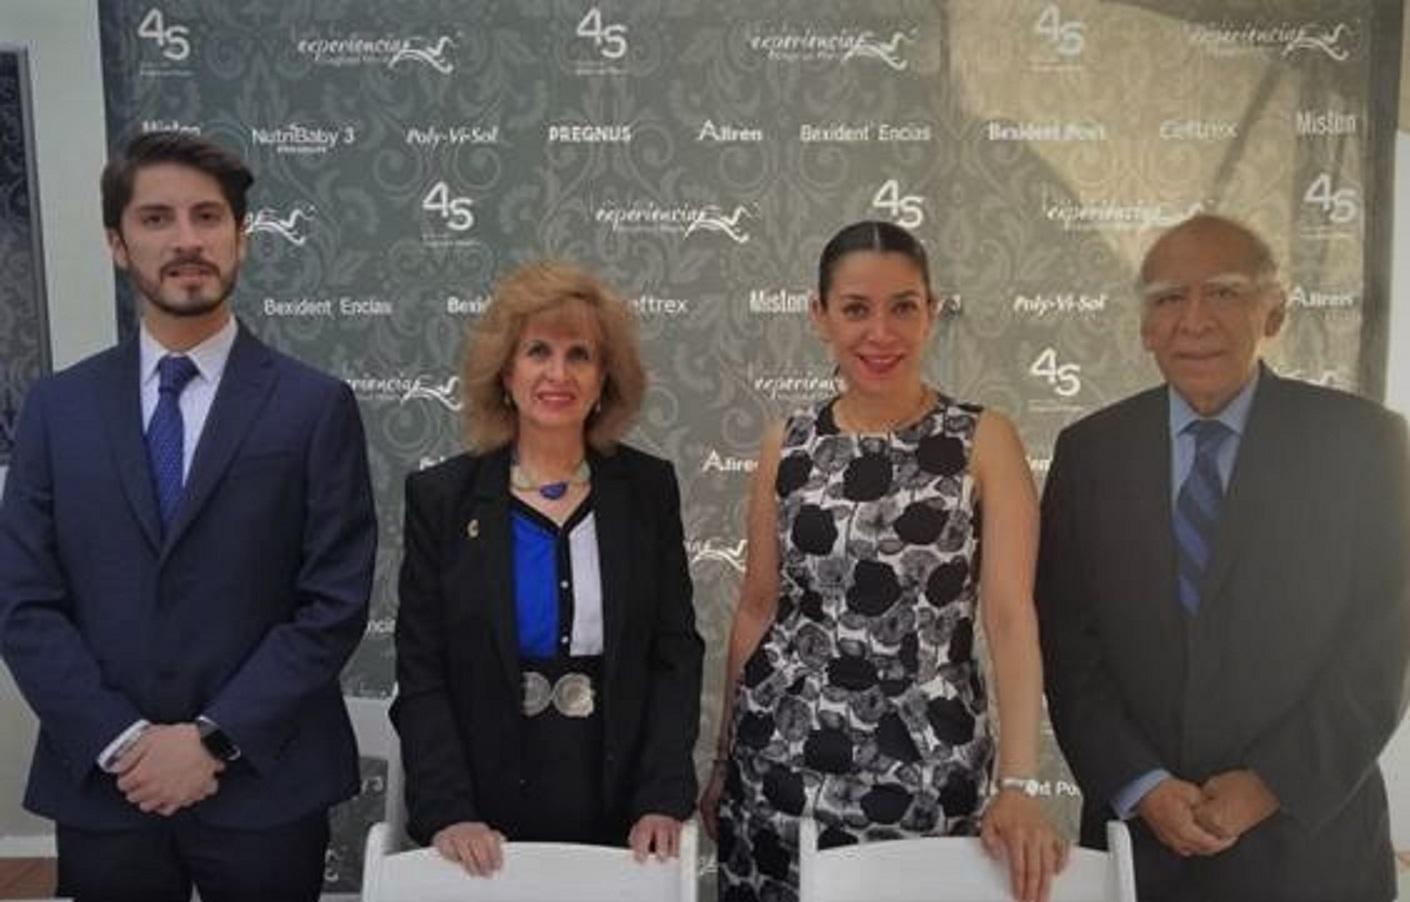 César Tinoco, Alicia Robledo Galván, María del Rocío Guillén, y Marte Hernández Porras